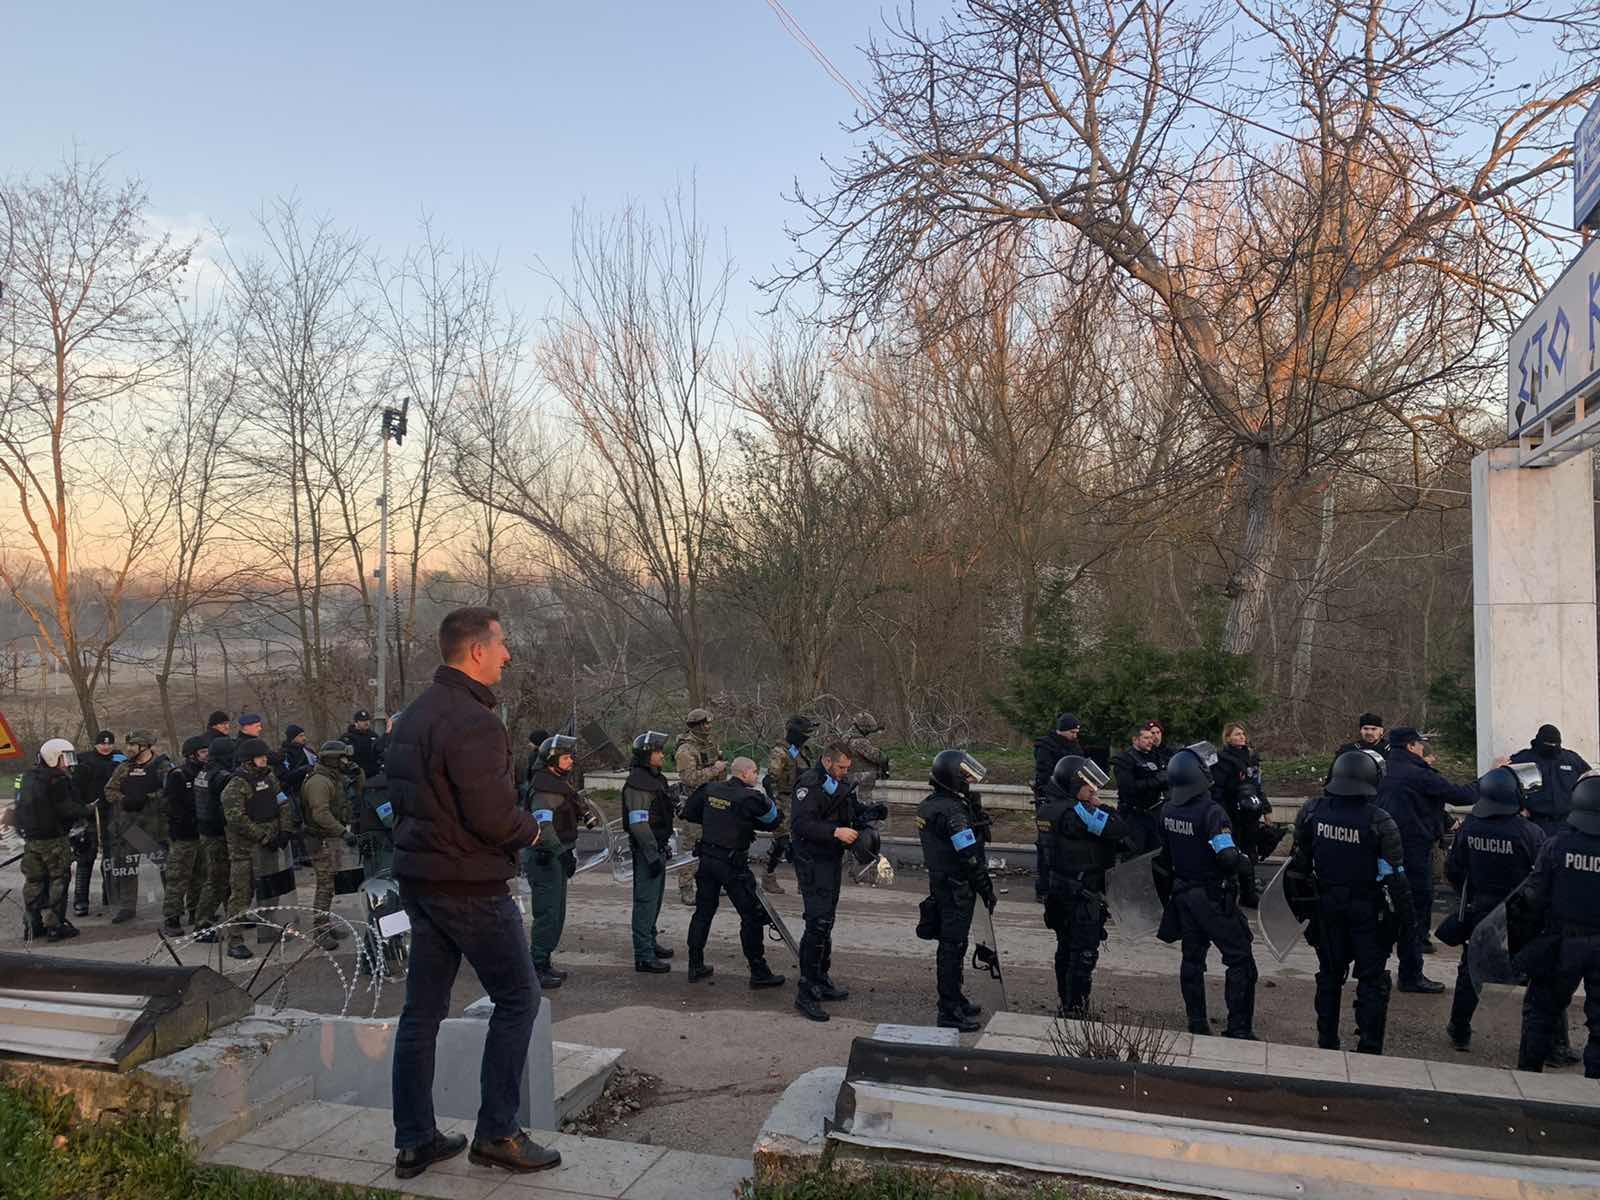 Από τα Χαράματα άρχισαν να αναπτύσσονται και  οι Δυνάμεις της Frontex στις Καστανιές 1